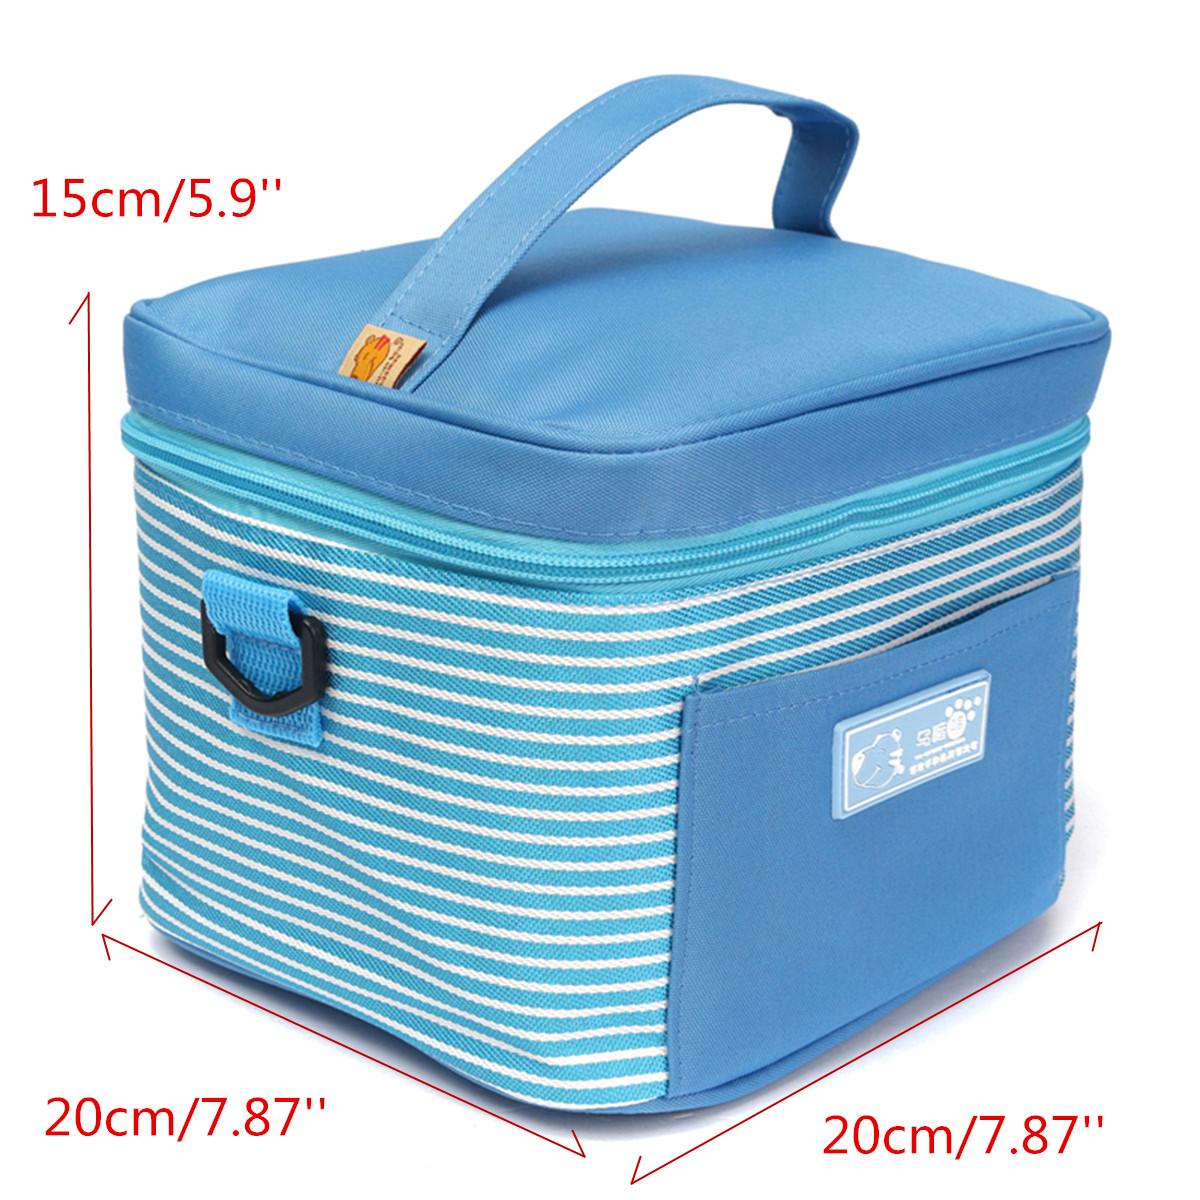 ببساطة معزول الحرارية حقيبة الغداء برودة حقيبة نزهة حقيبة تخزين السفر